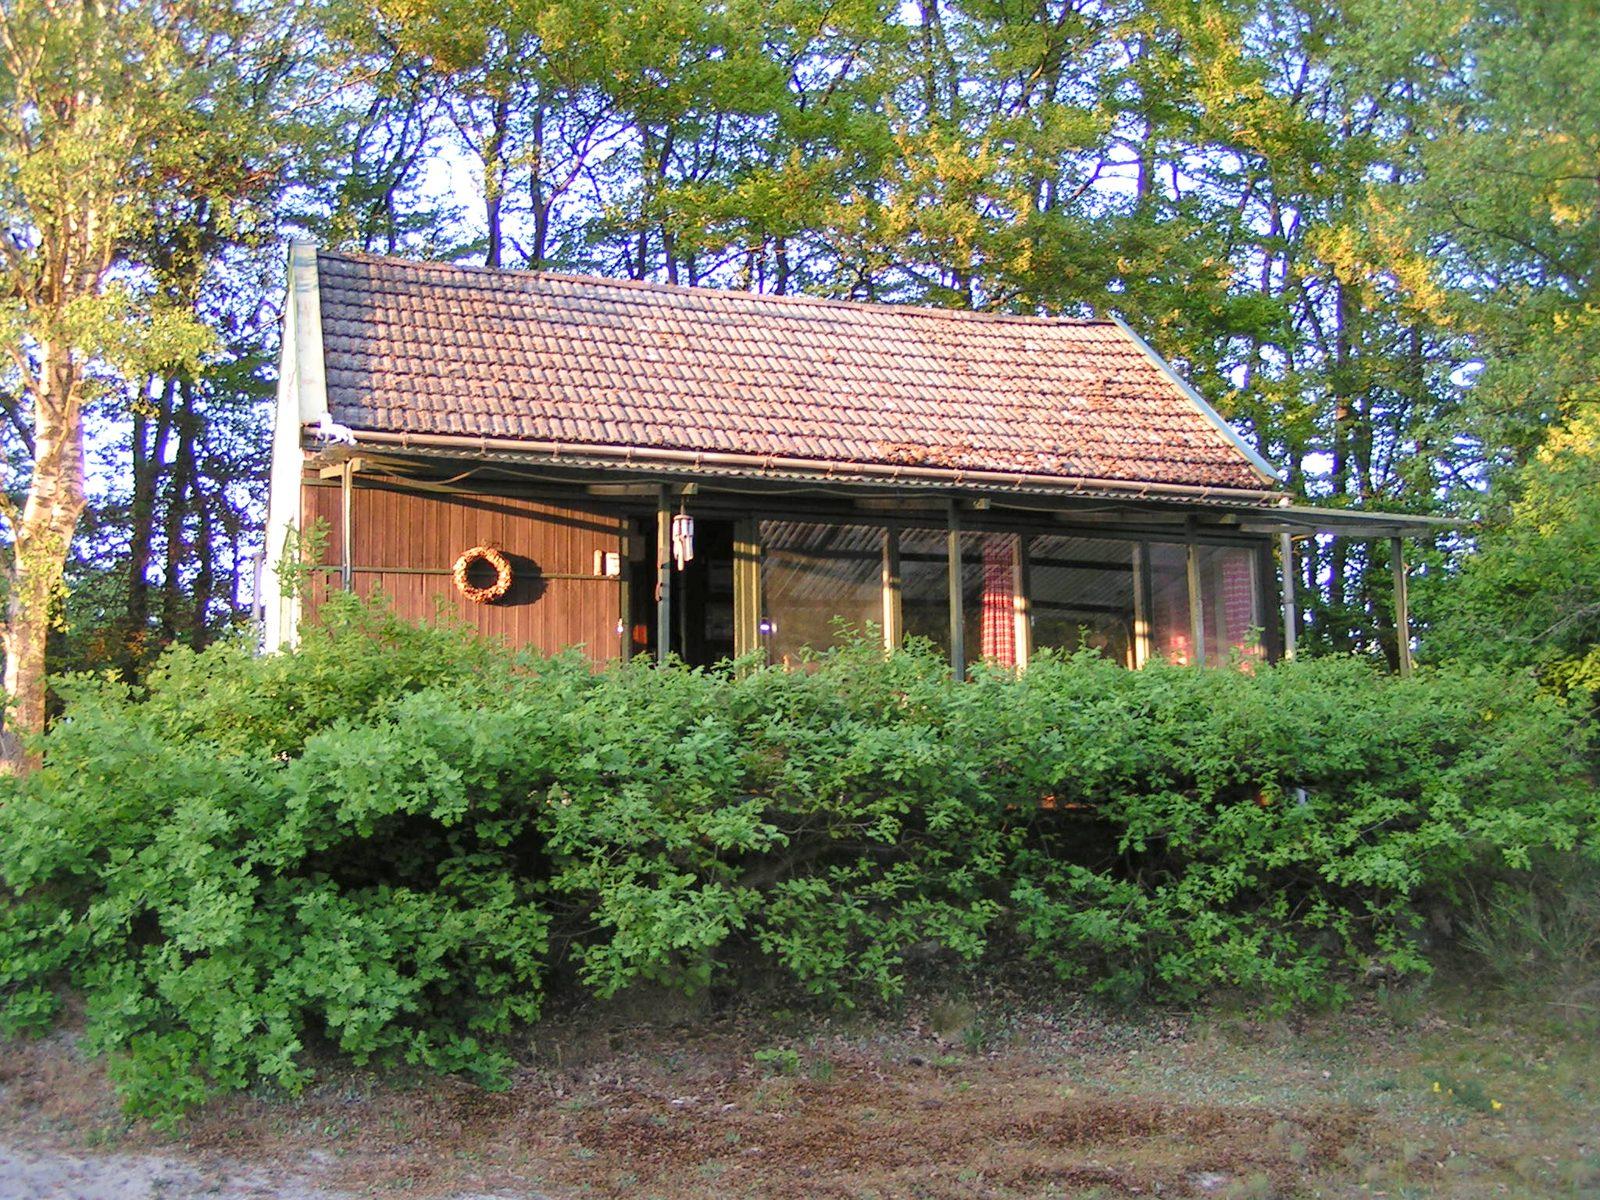 Badzicht verbouwd tot zomerhuis 1963 - 2018 Schipborg Badzicht Schipborg Músarrindill